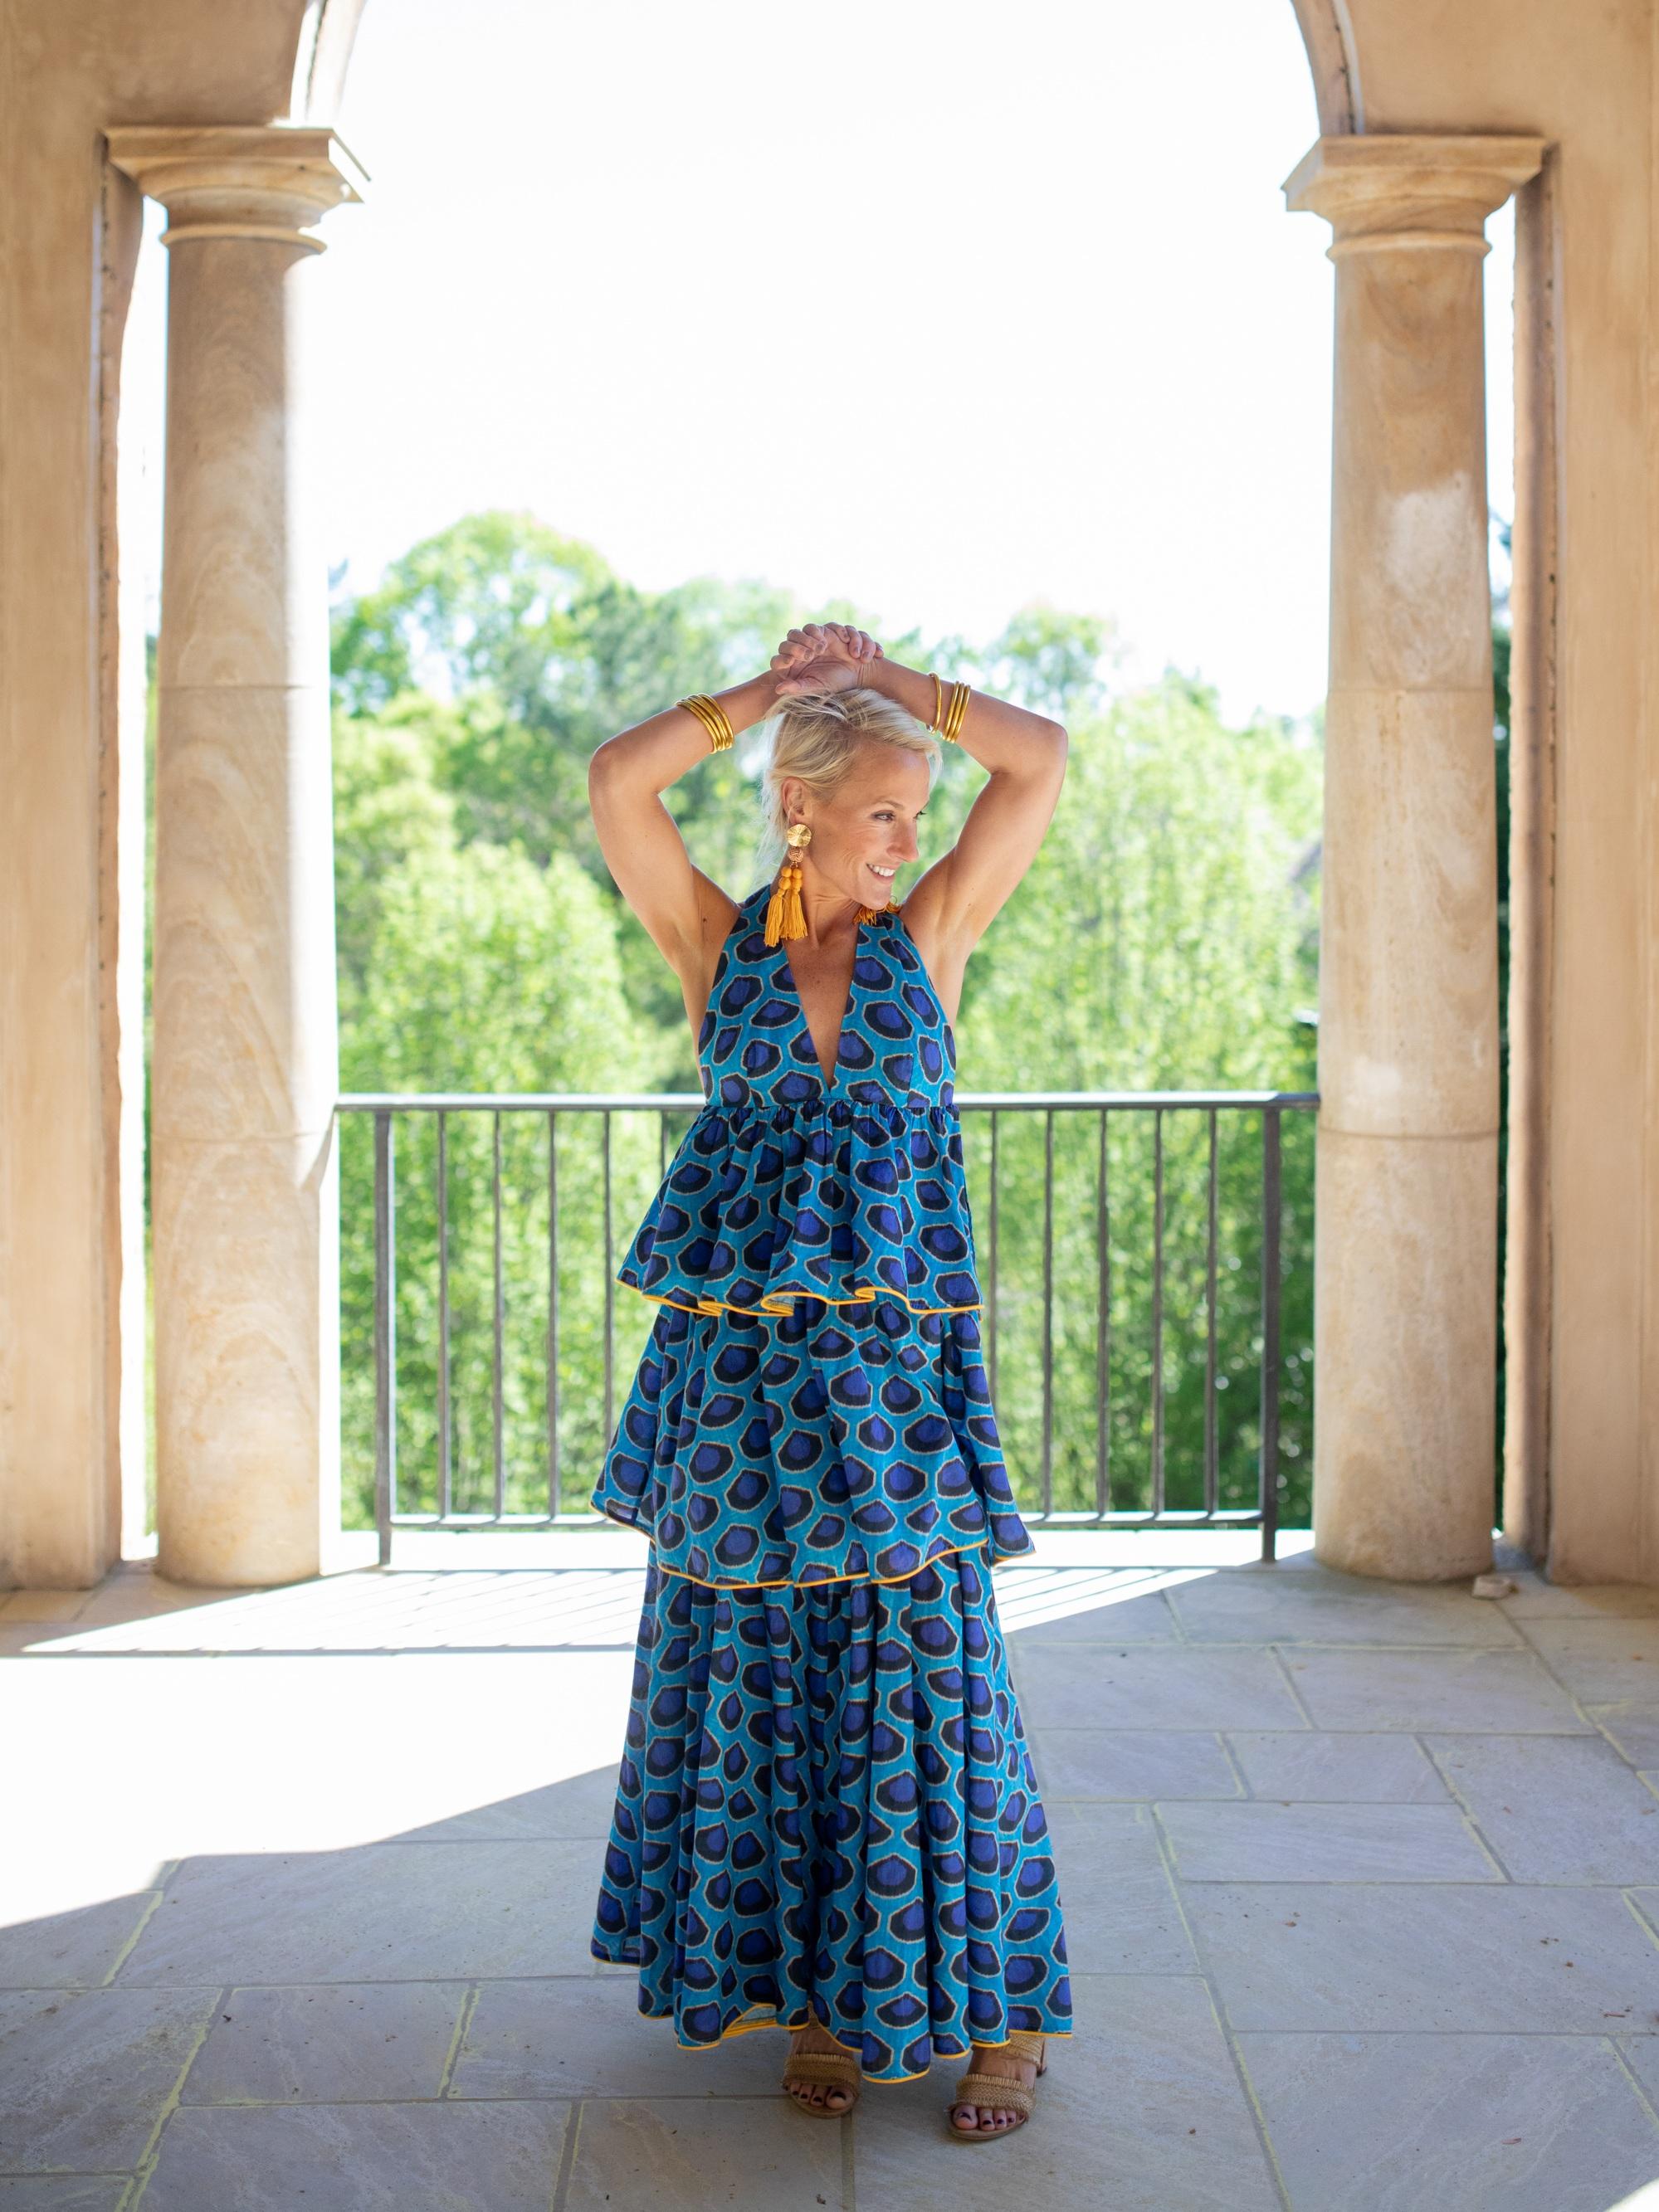 Wearing Leela Dress by Rhode Resort